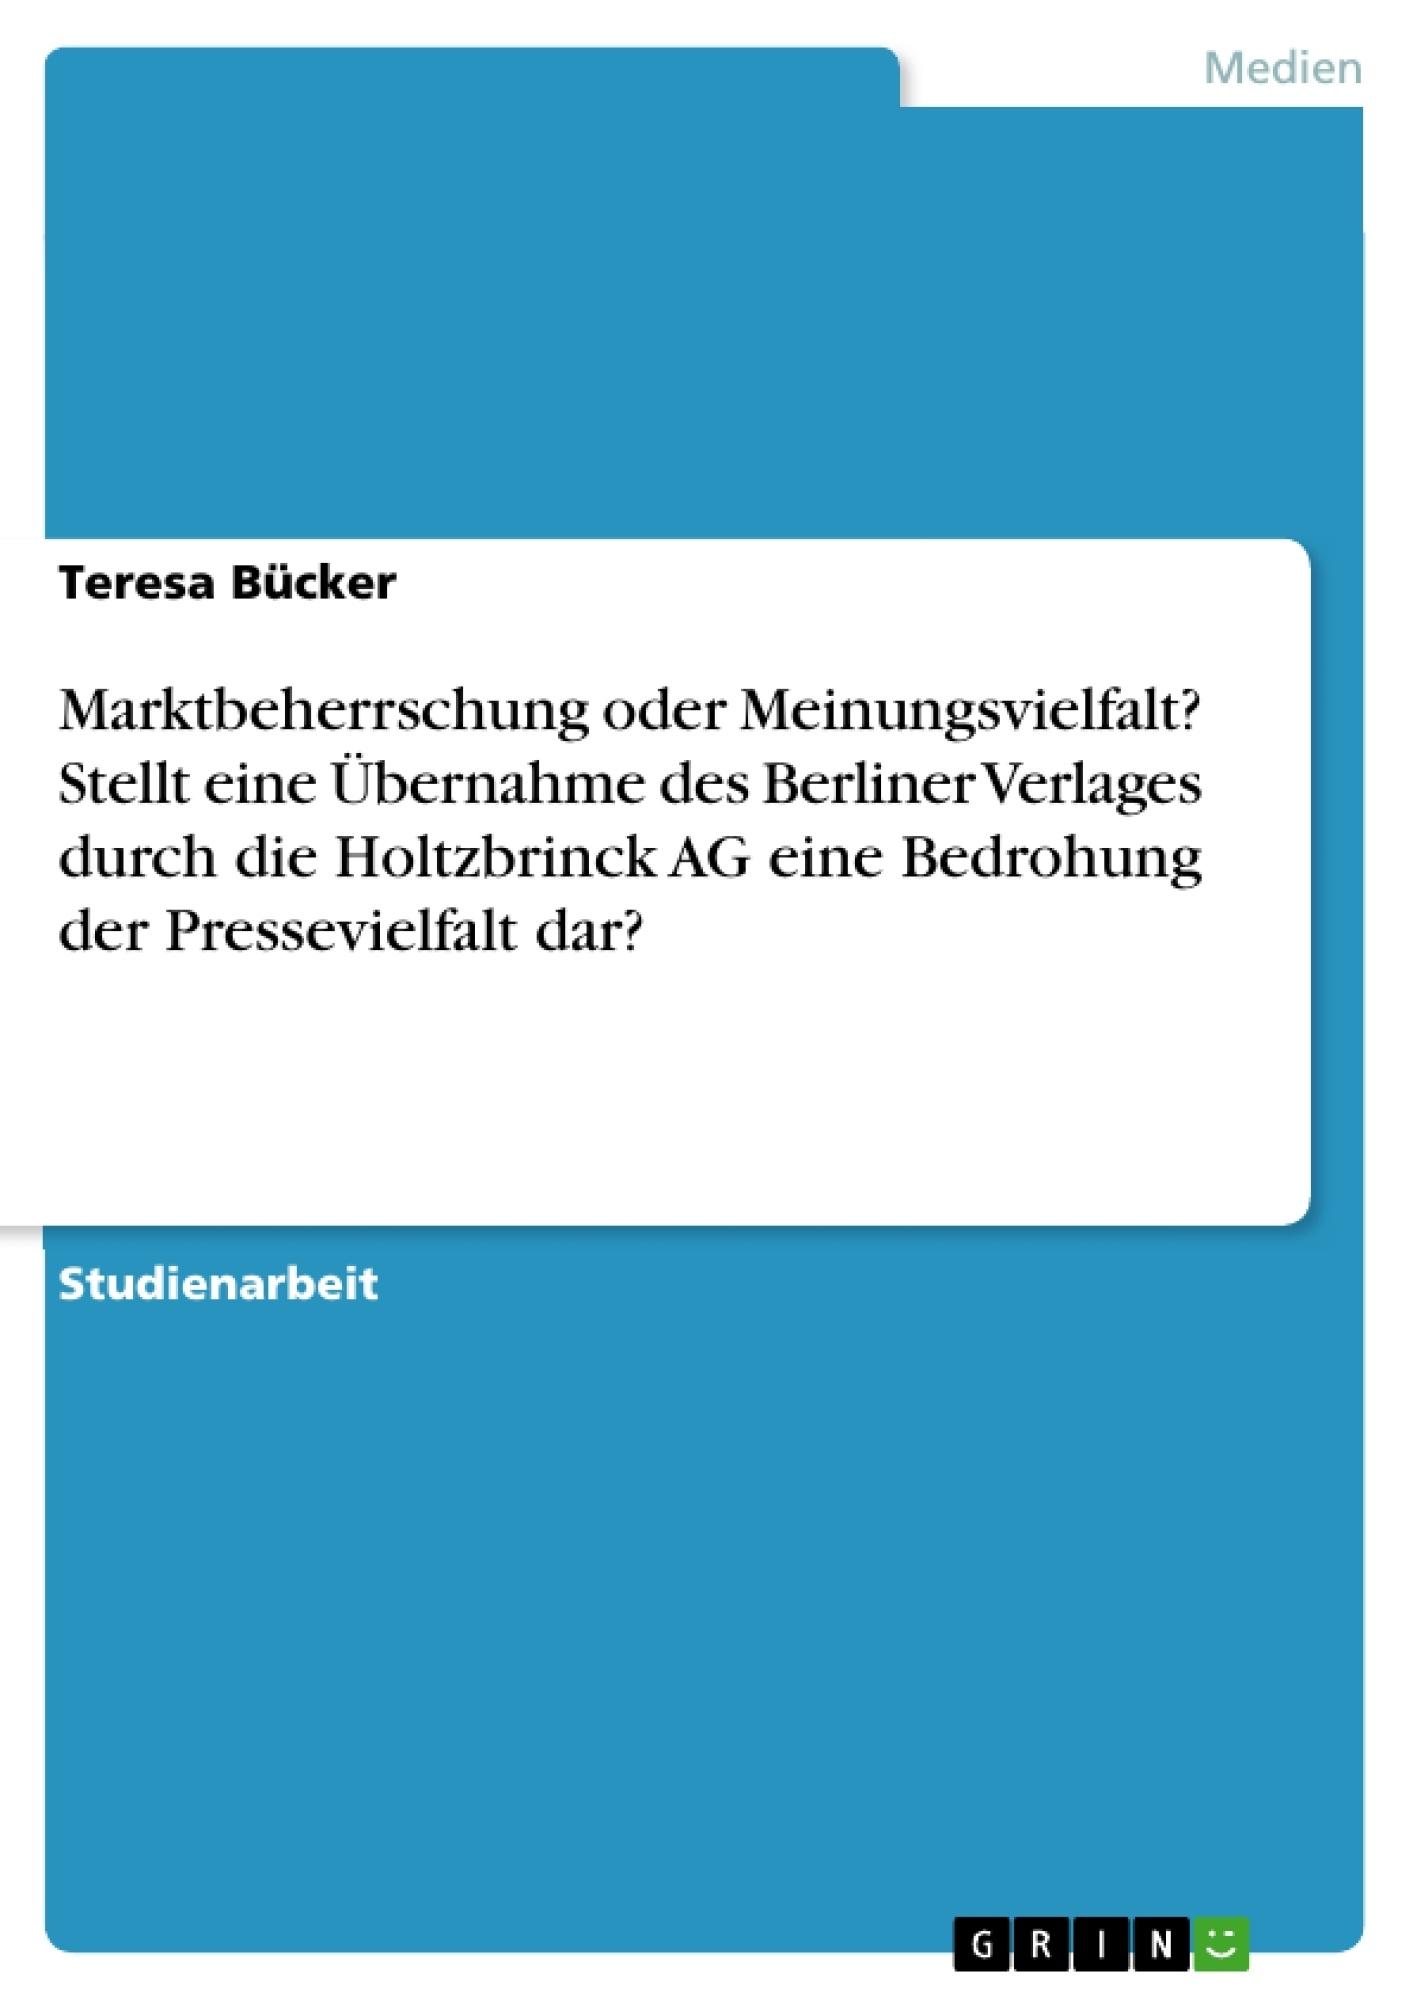 Titel: Marktbeherrschung oder Meinungsvielfalt? Stellt eine Übernahme des Berliner Verlages durch die Holtzbrinck AG eine Bedrohung der Pressevielfalt dar?